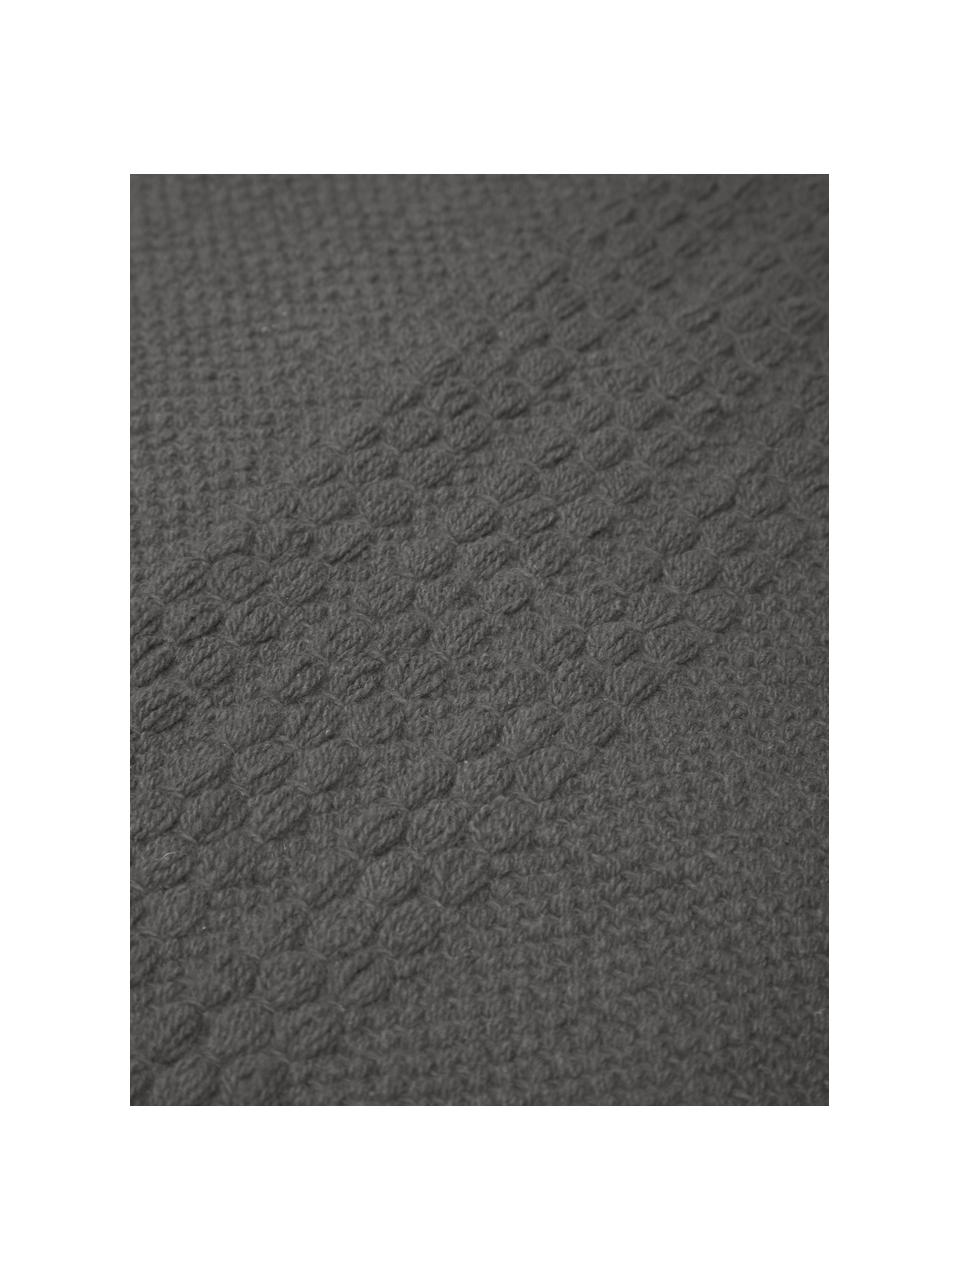 Dywan z bawełny z frędzlami Tanya, 100% bawełna, Ciemnyszary, S 200 x D 300 cm (Rozmiar L)